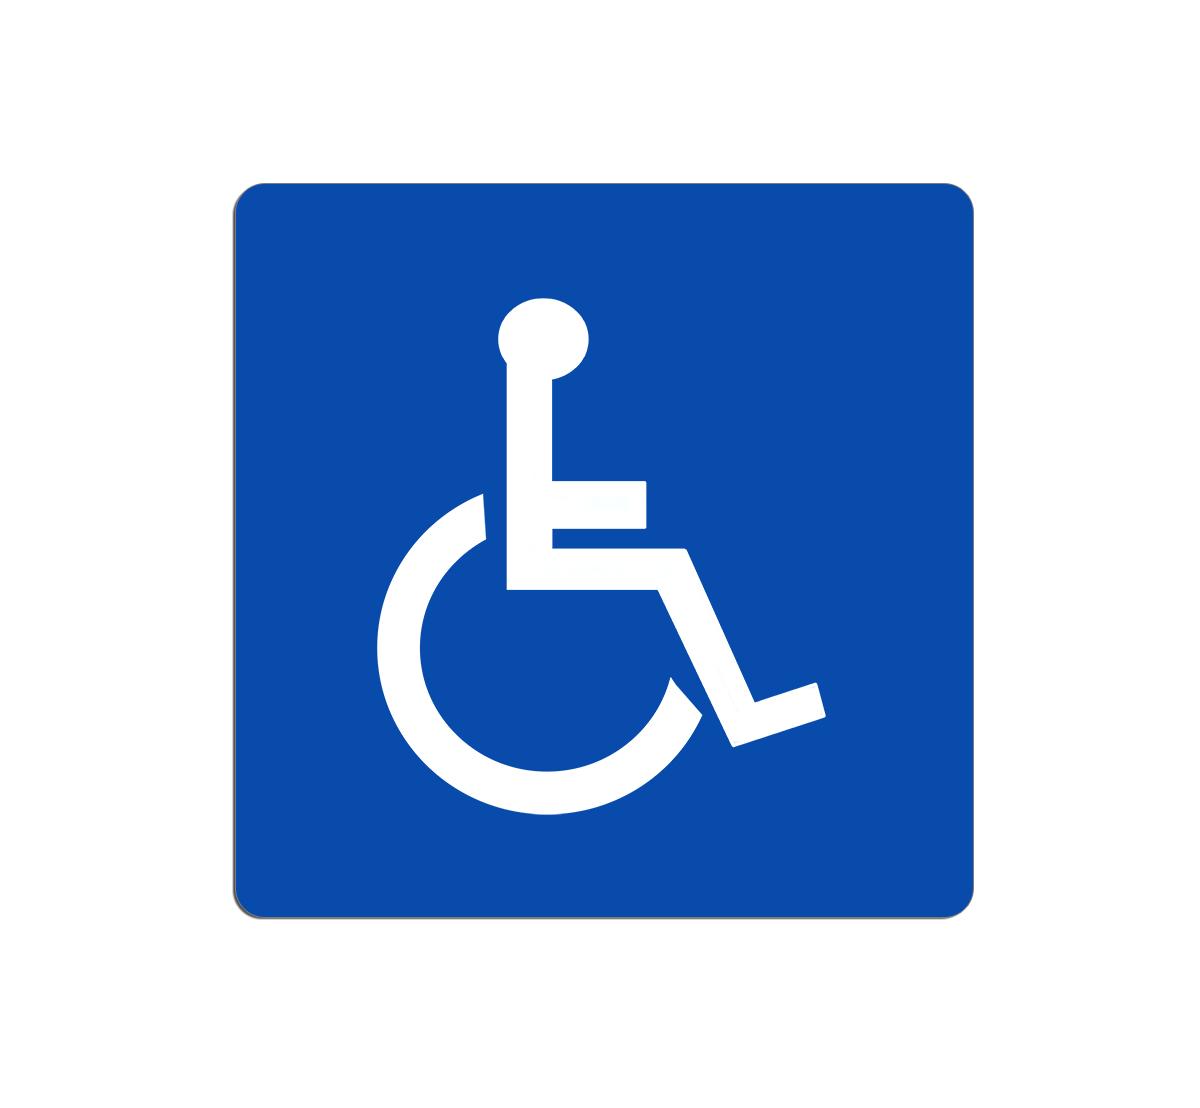 cartello segnaletica wc bagno uomini donne disabili targa